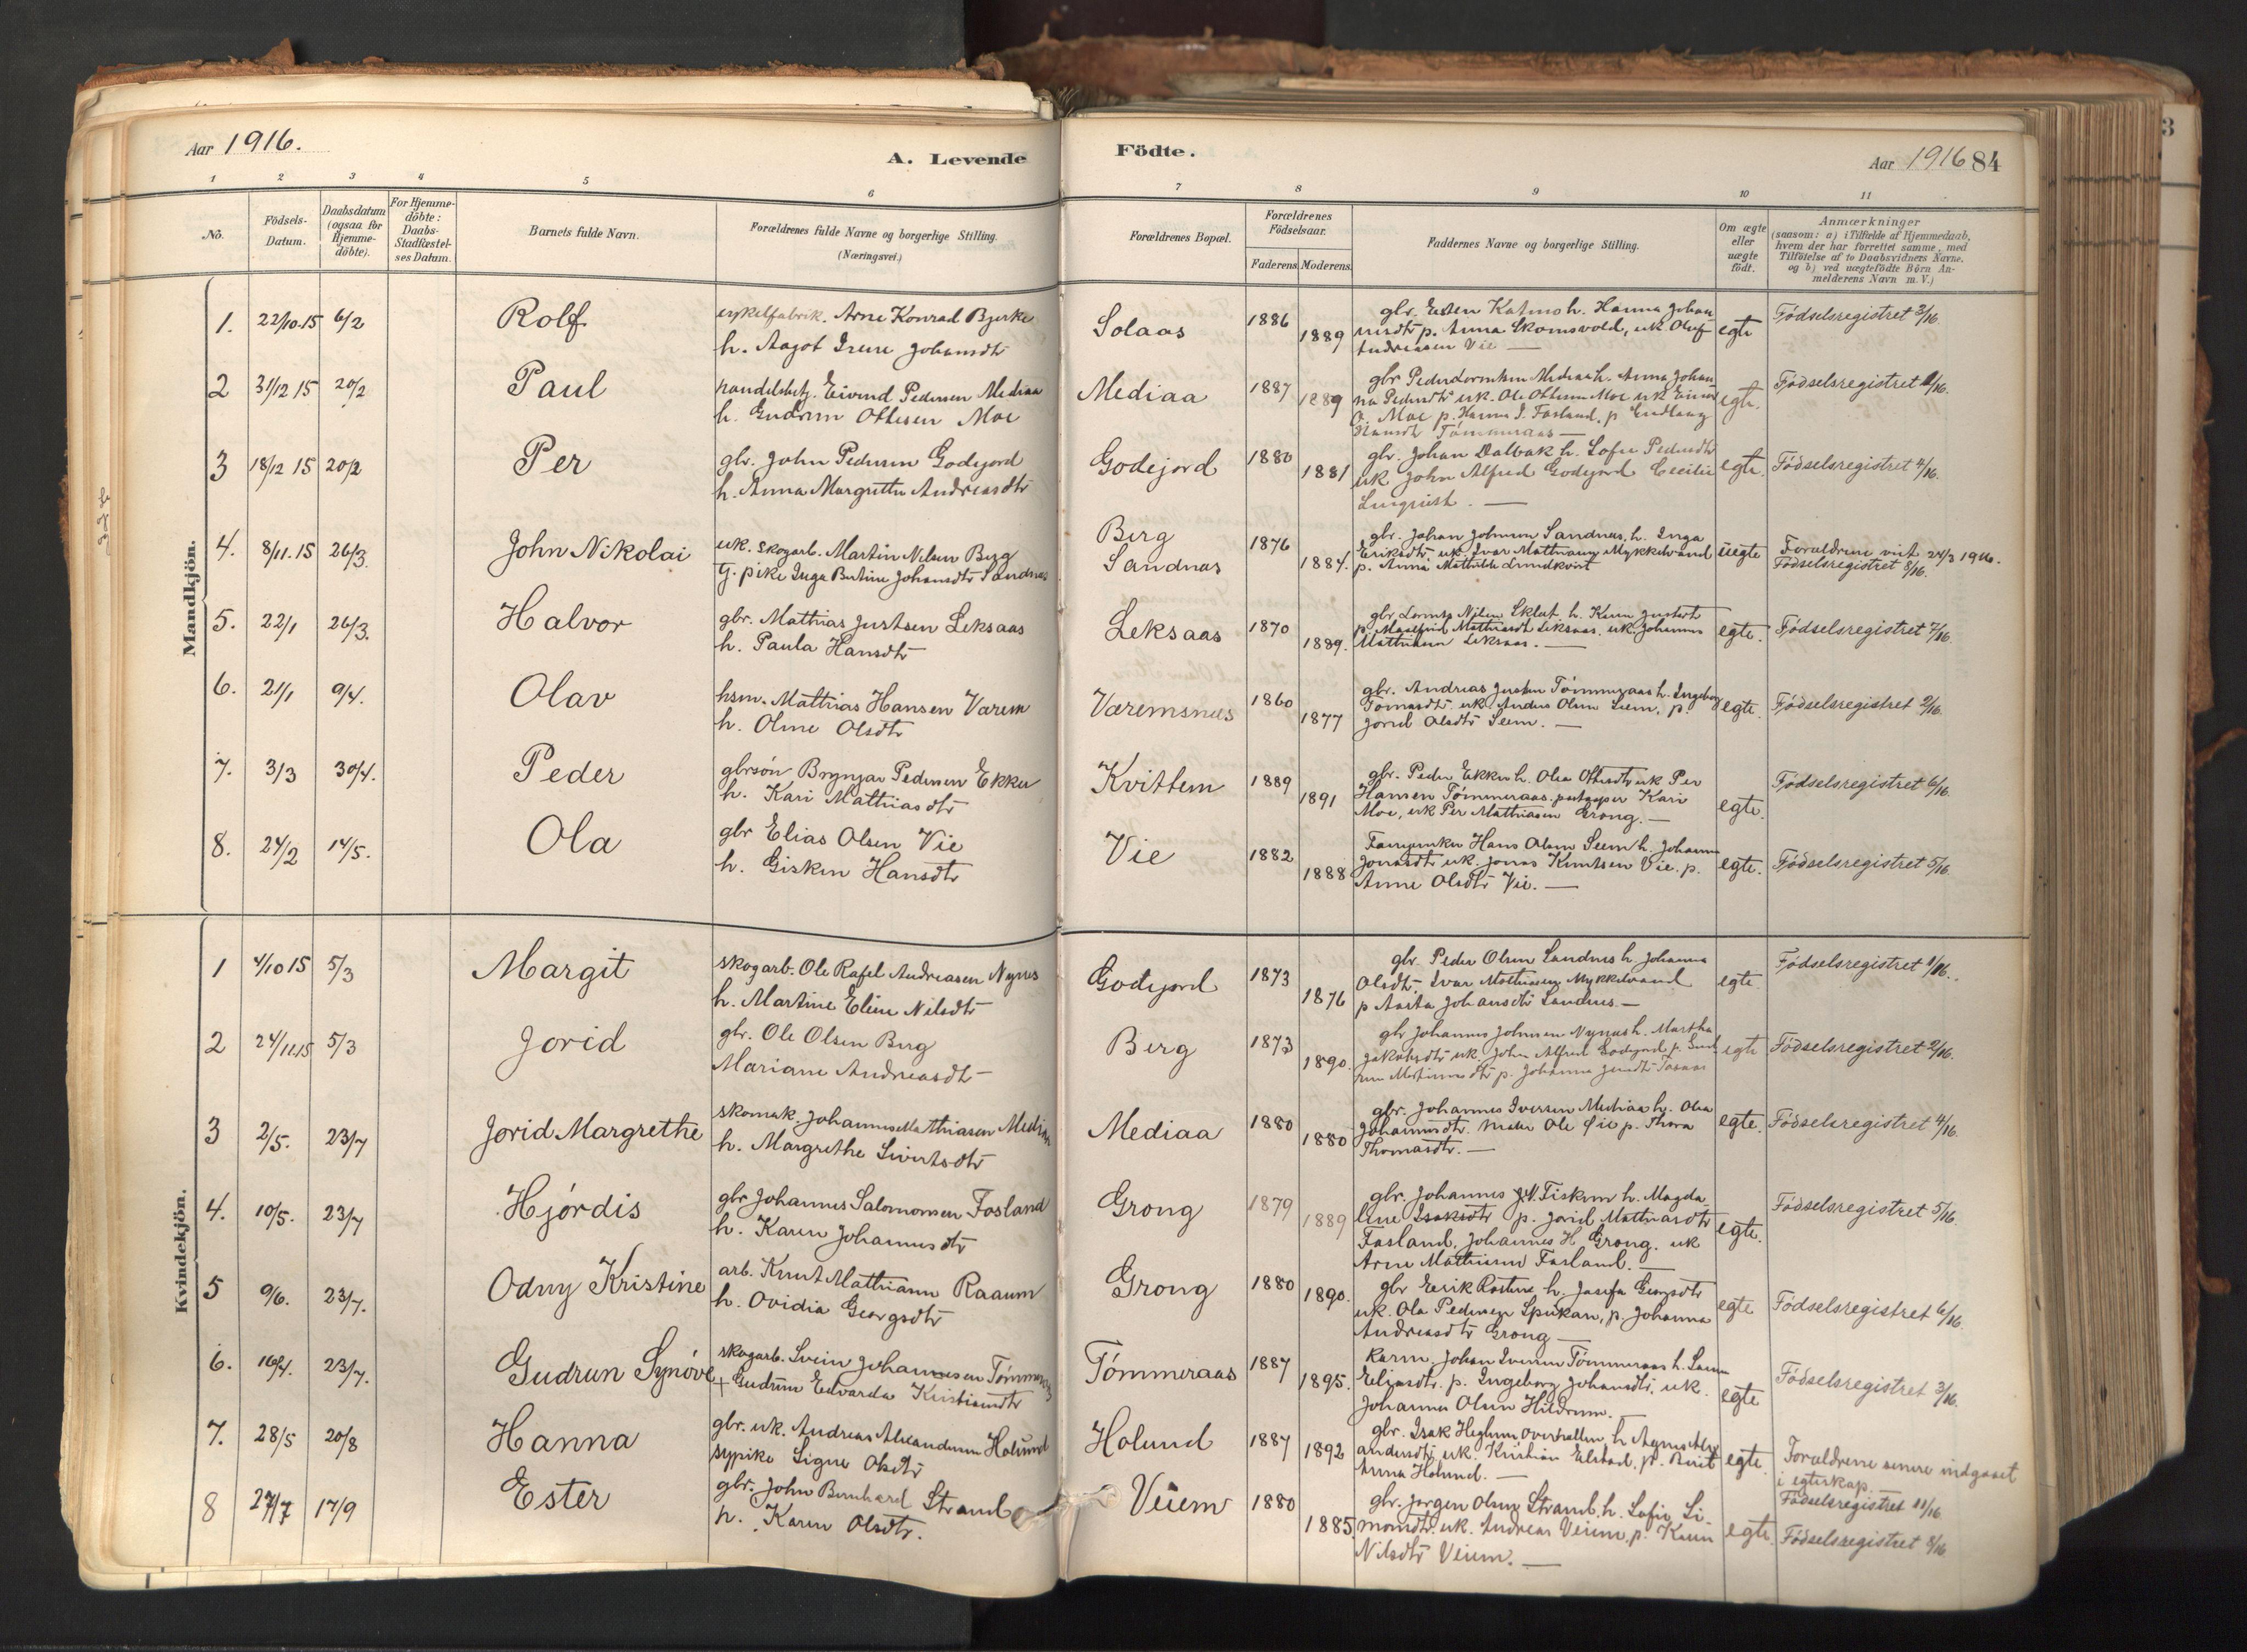 SAT, Ministerialprotokoller, klokkerbøker og fødselsregistre - Nord-Trøndelag, 758/L0519: Ministerialbok nr. 758A04, 1880-1926, s. 84